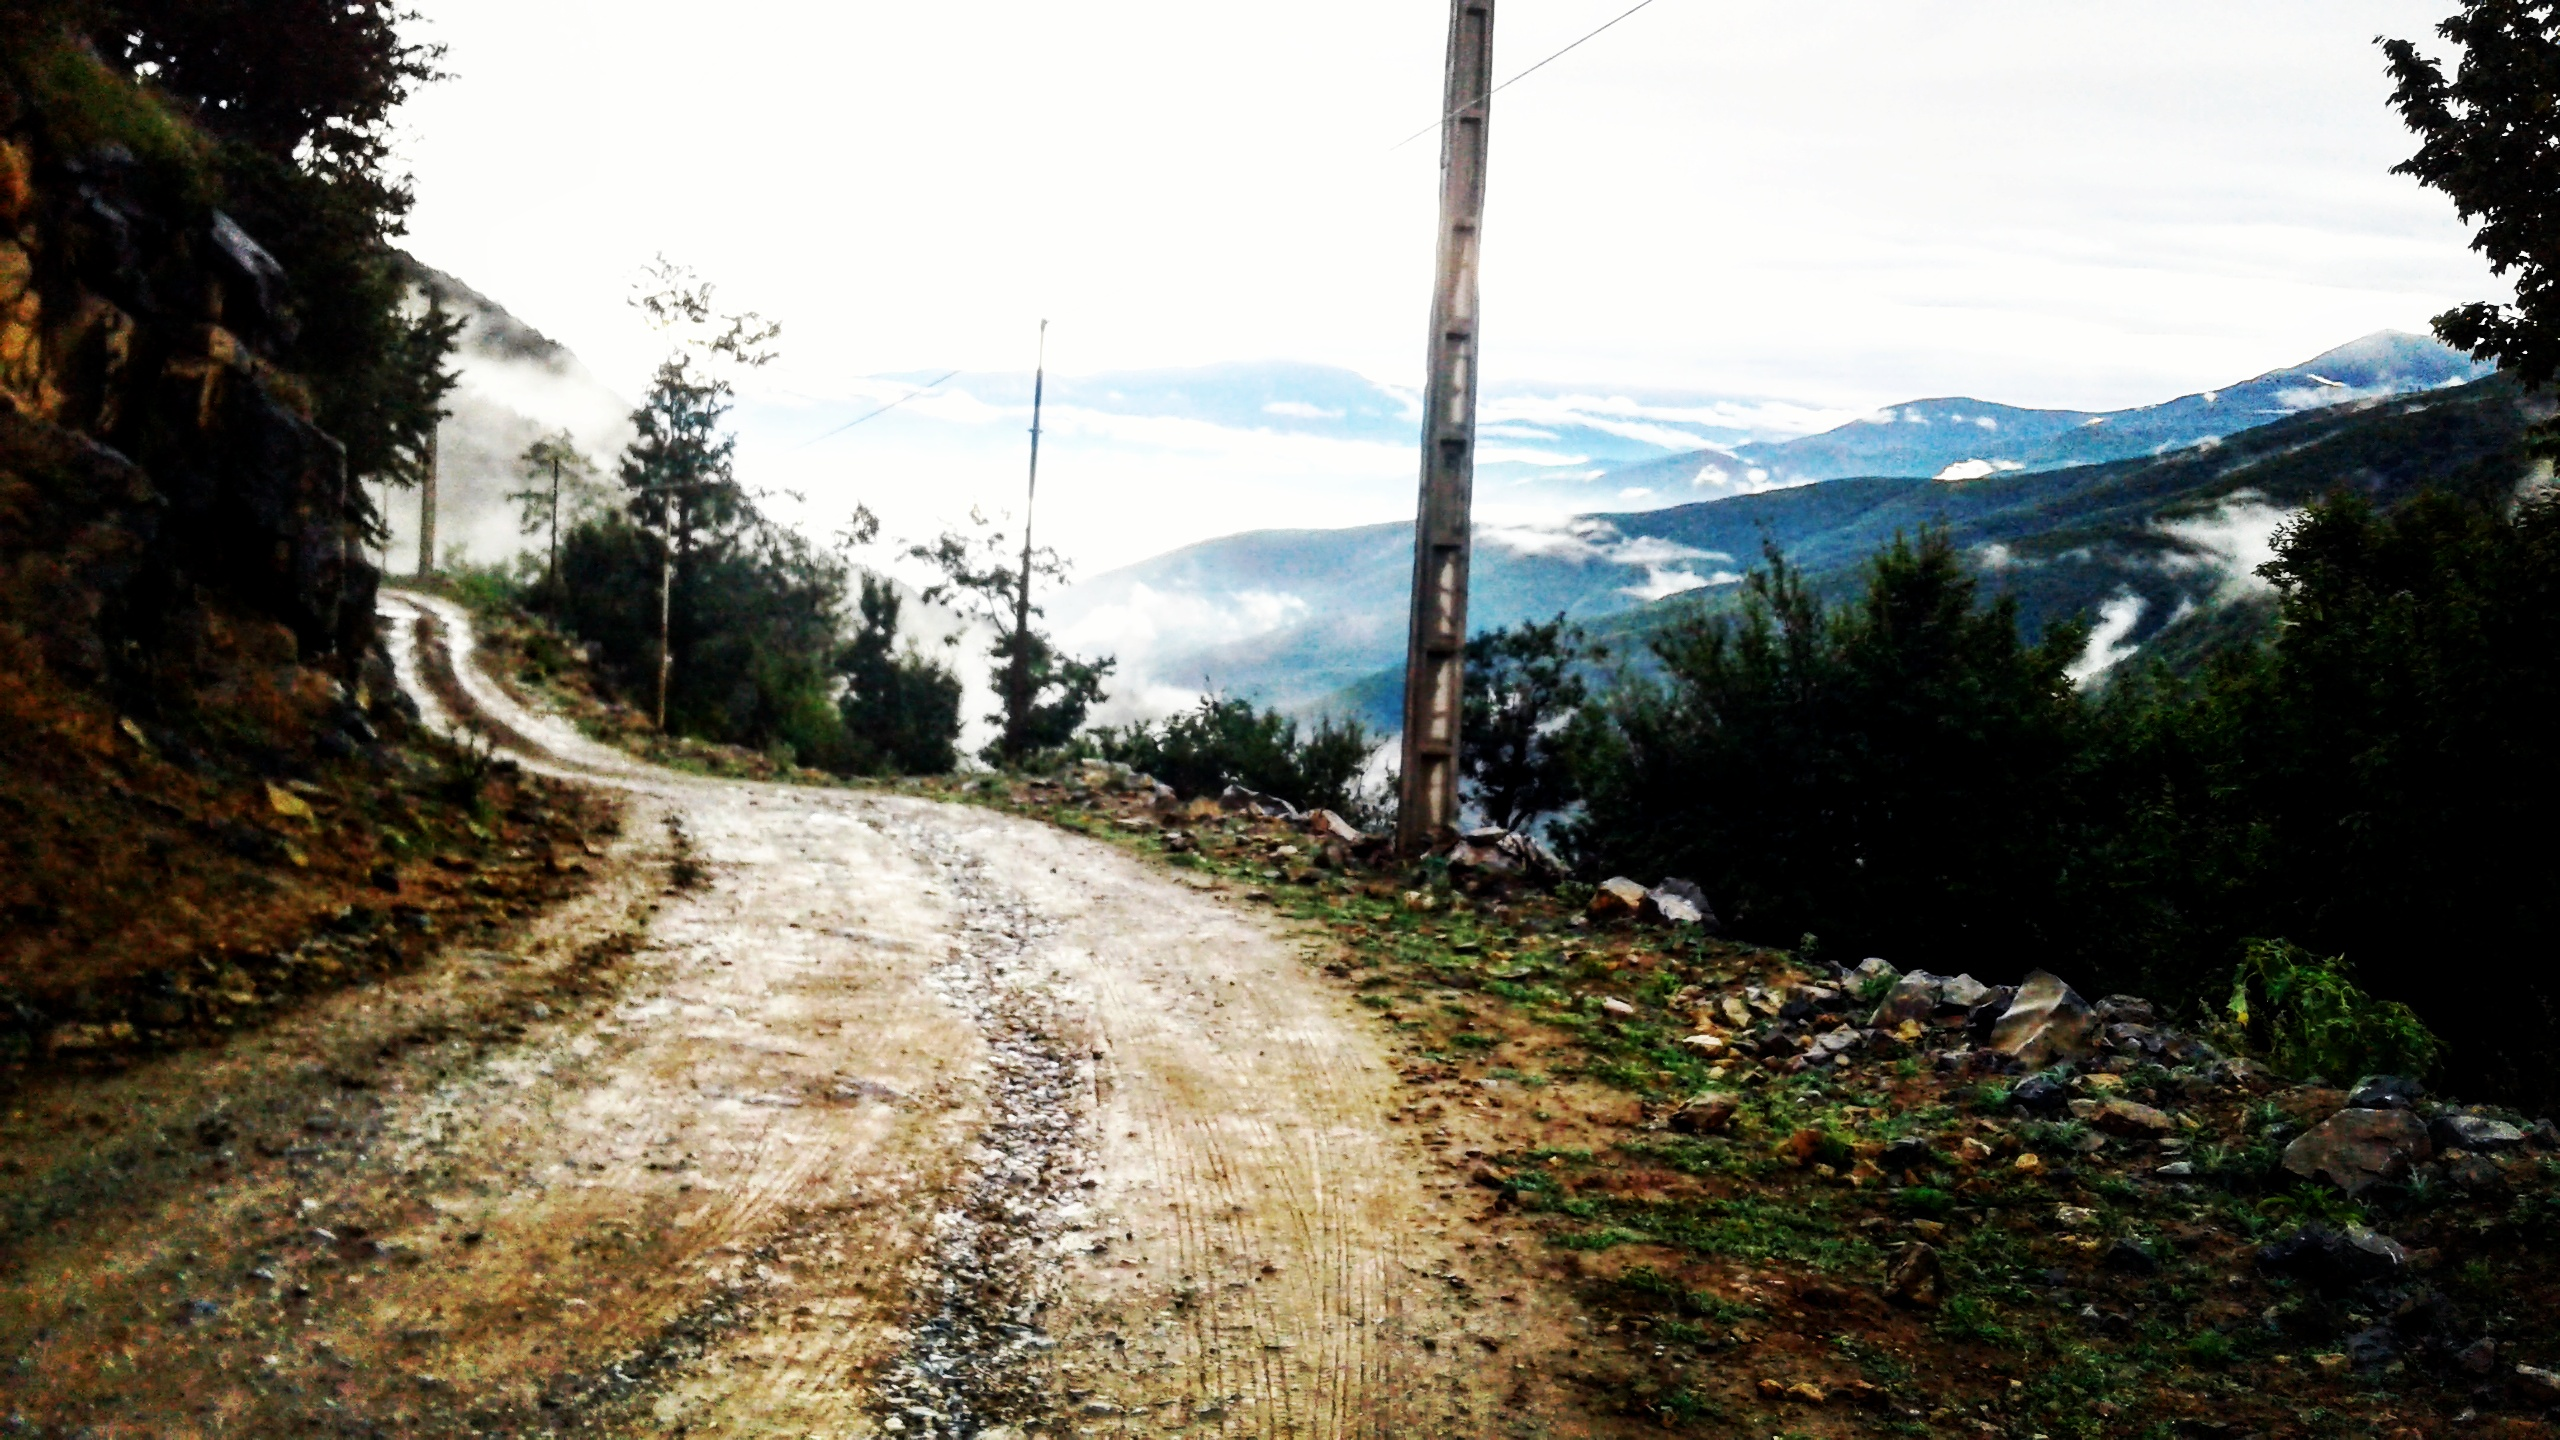 عکسی جدید و زیبا از پاییز۹۵ دهکده ی گلامره.ارتفاعات گلامره سفیدپوش شد